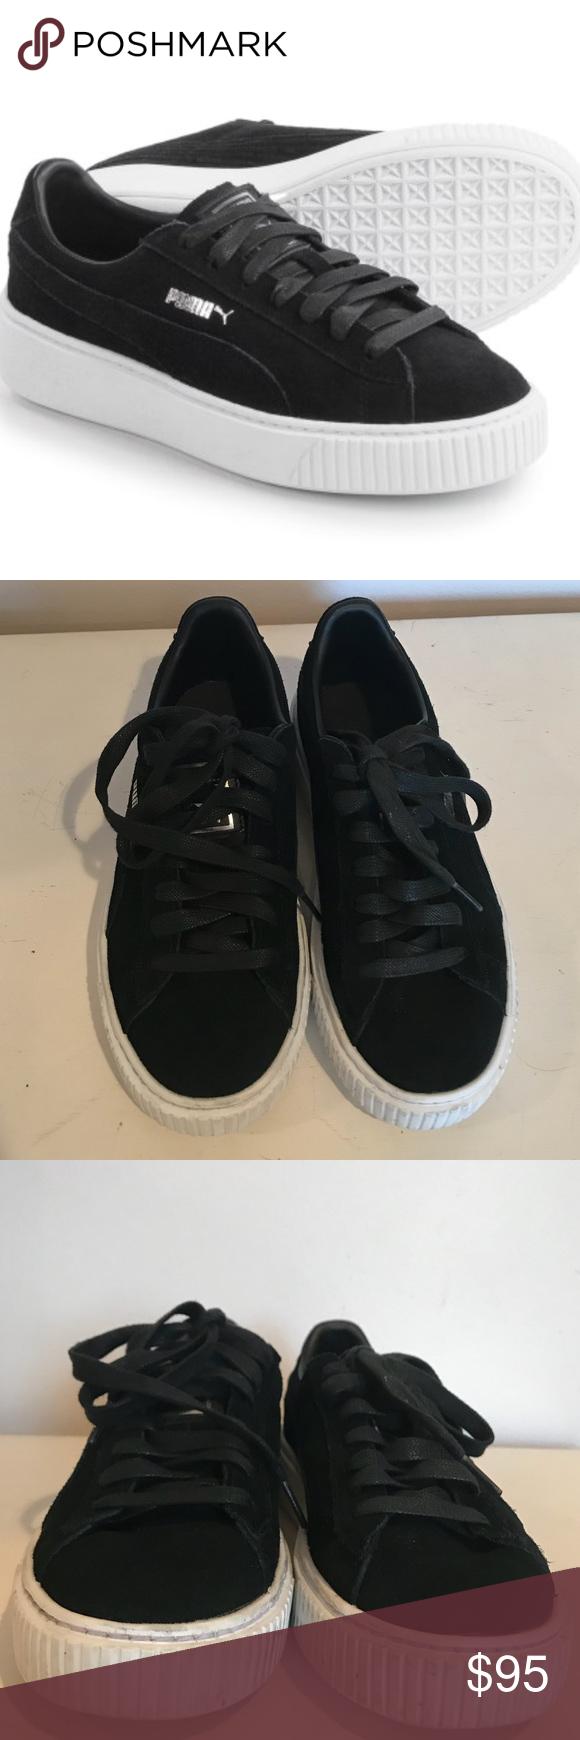 puma shoes washing instructions for lularoe styles image